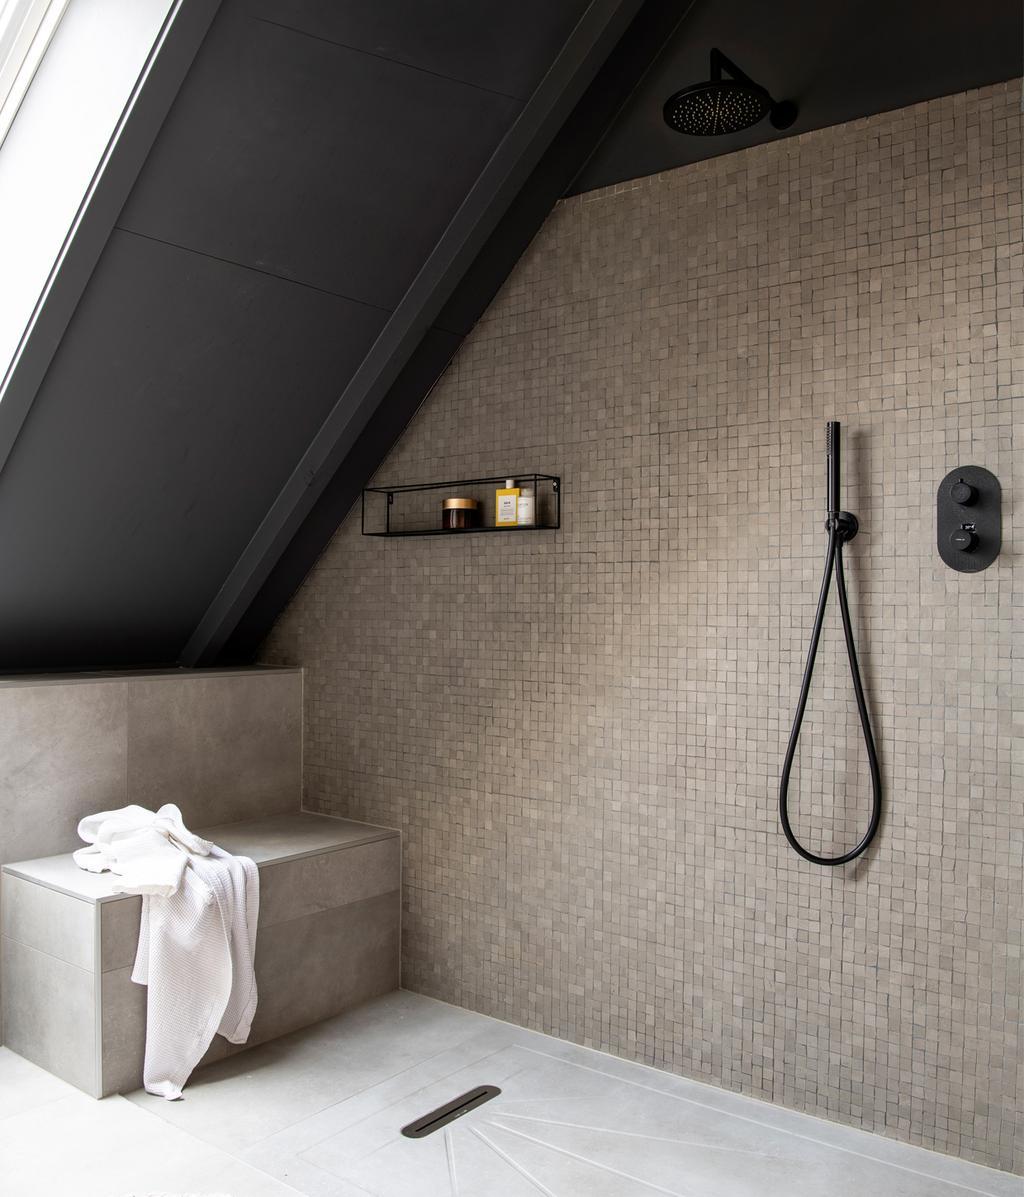 Badkamer verschillende tegels | vtwonen 13-2020